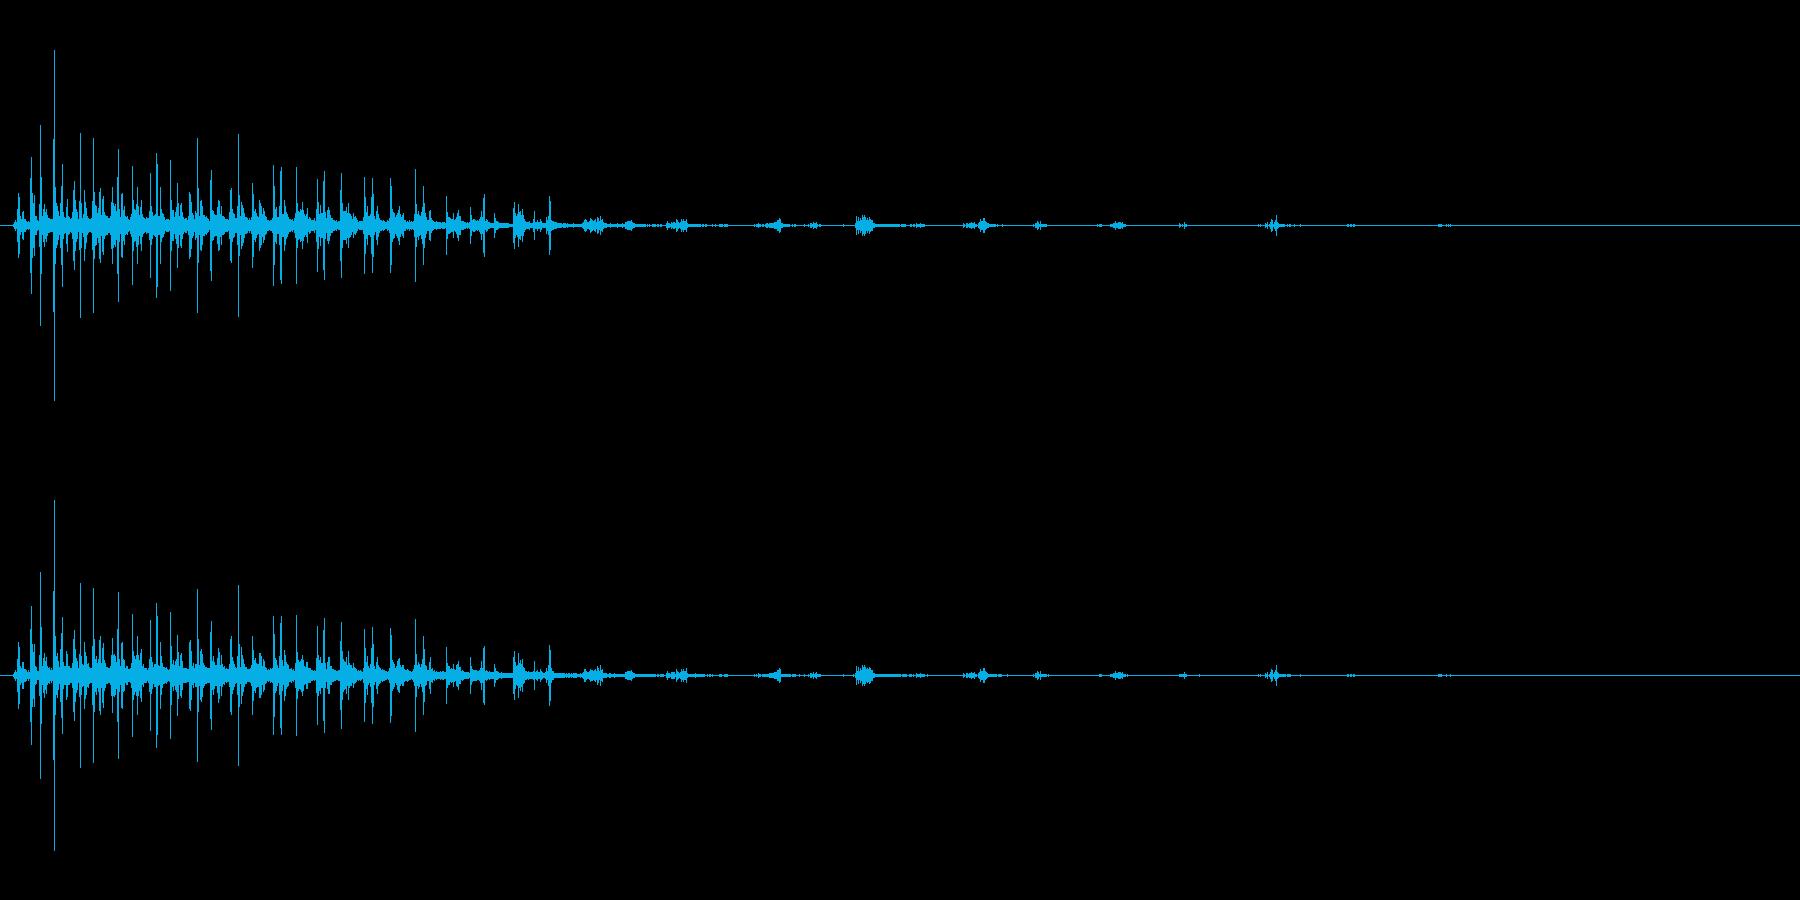 パタパタパタ〜鳥の羽ばたきの擬音リバーブの再生済みの波形